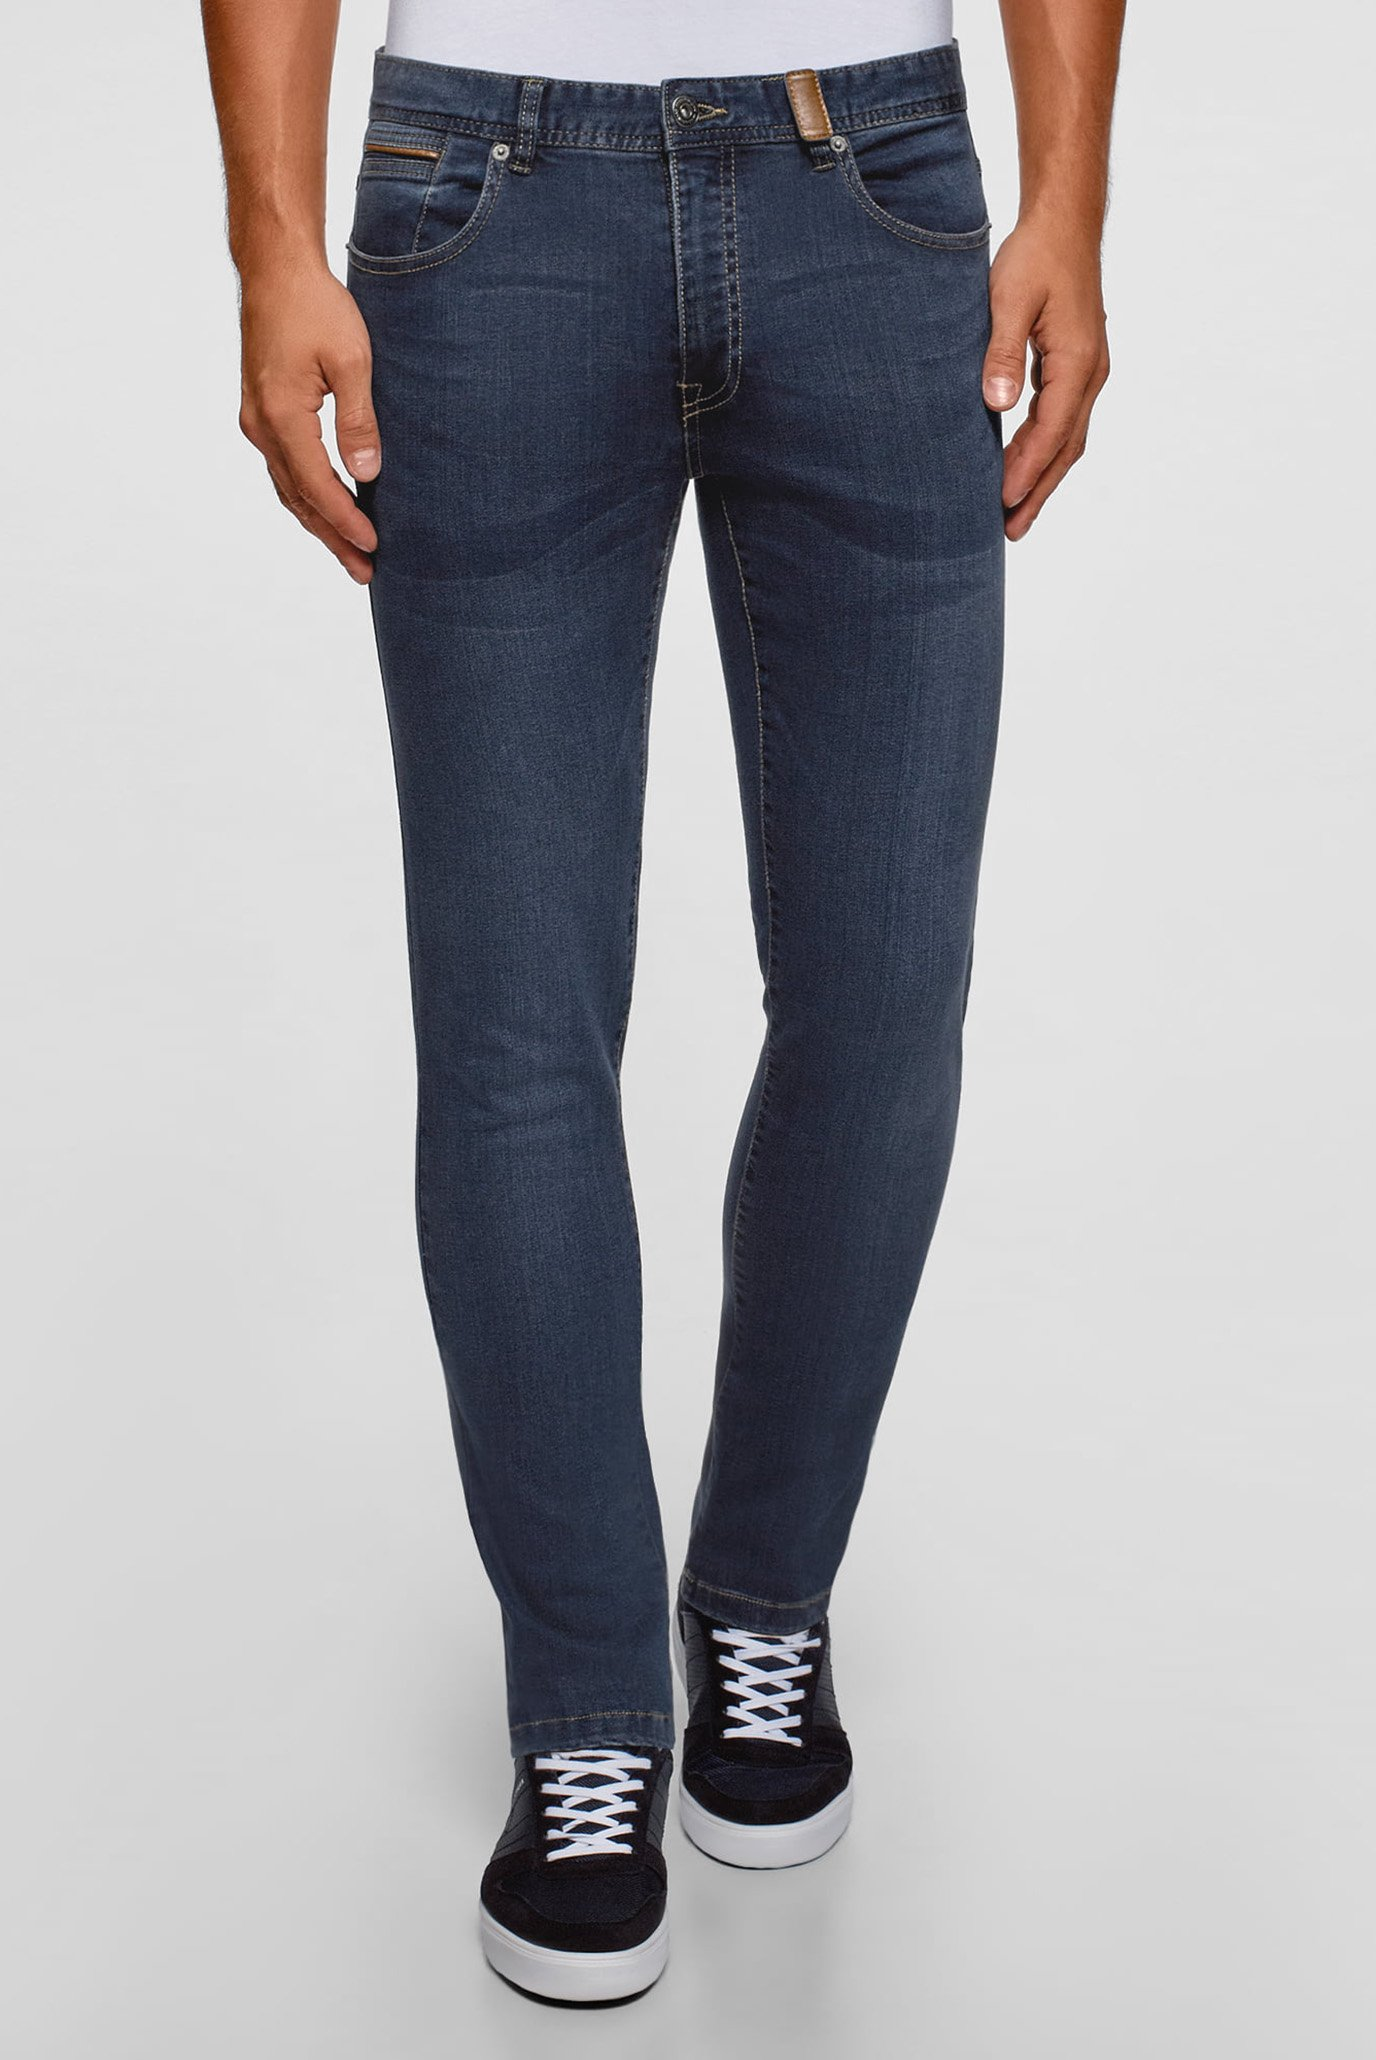 Купить Мужские темно-синие джинсы Oodji Oodji 6L120135M/45068/7800W – Киев, Украина. Цены в интернет магазине MD Fashion